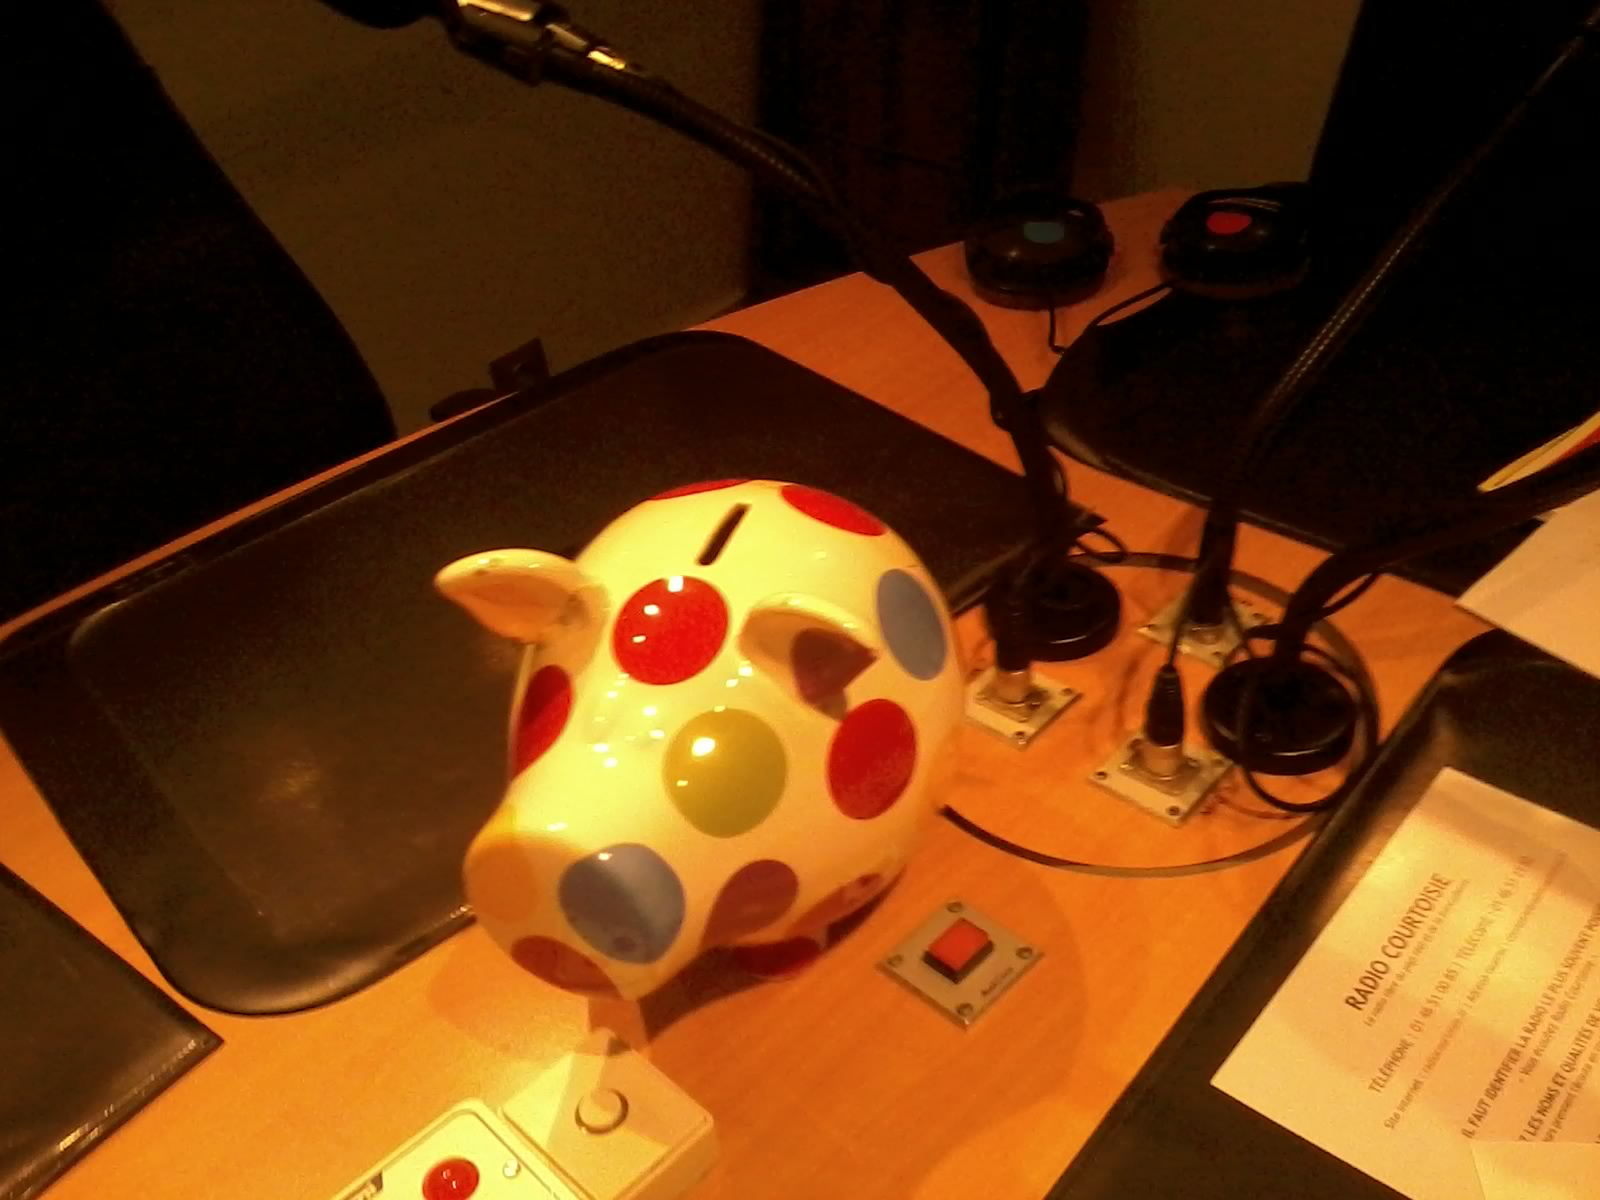 La vedette de Radio-Courtoisie : le cochon anti-franglais